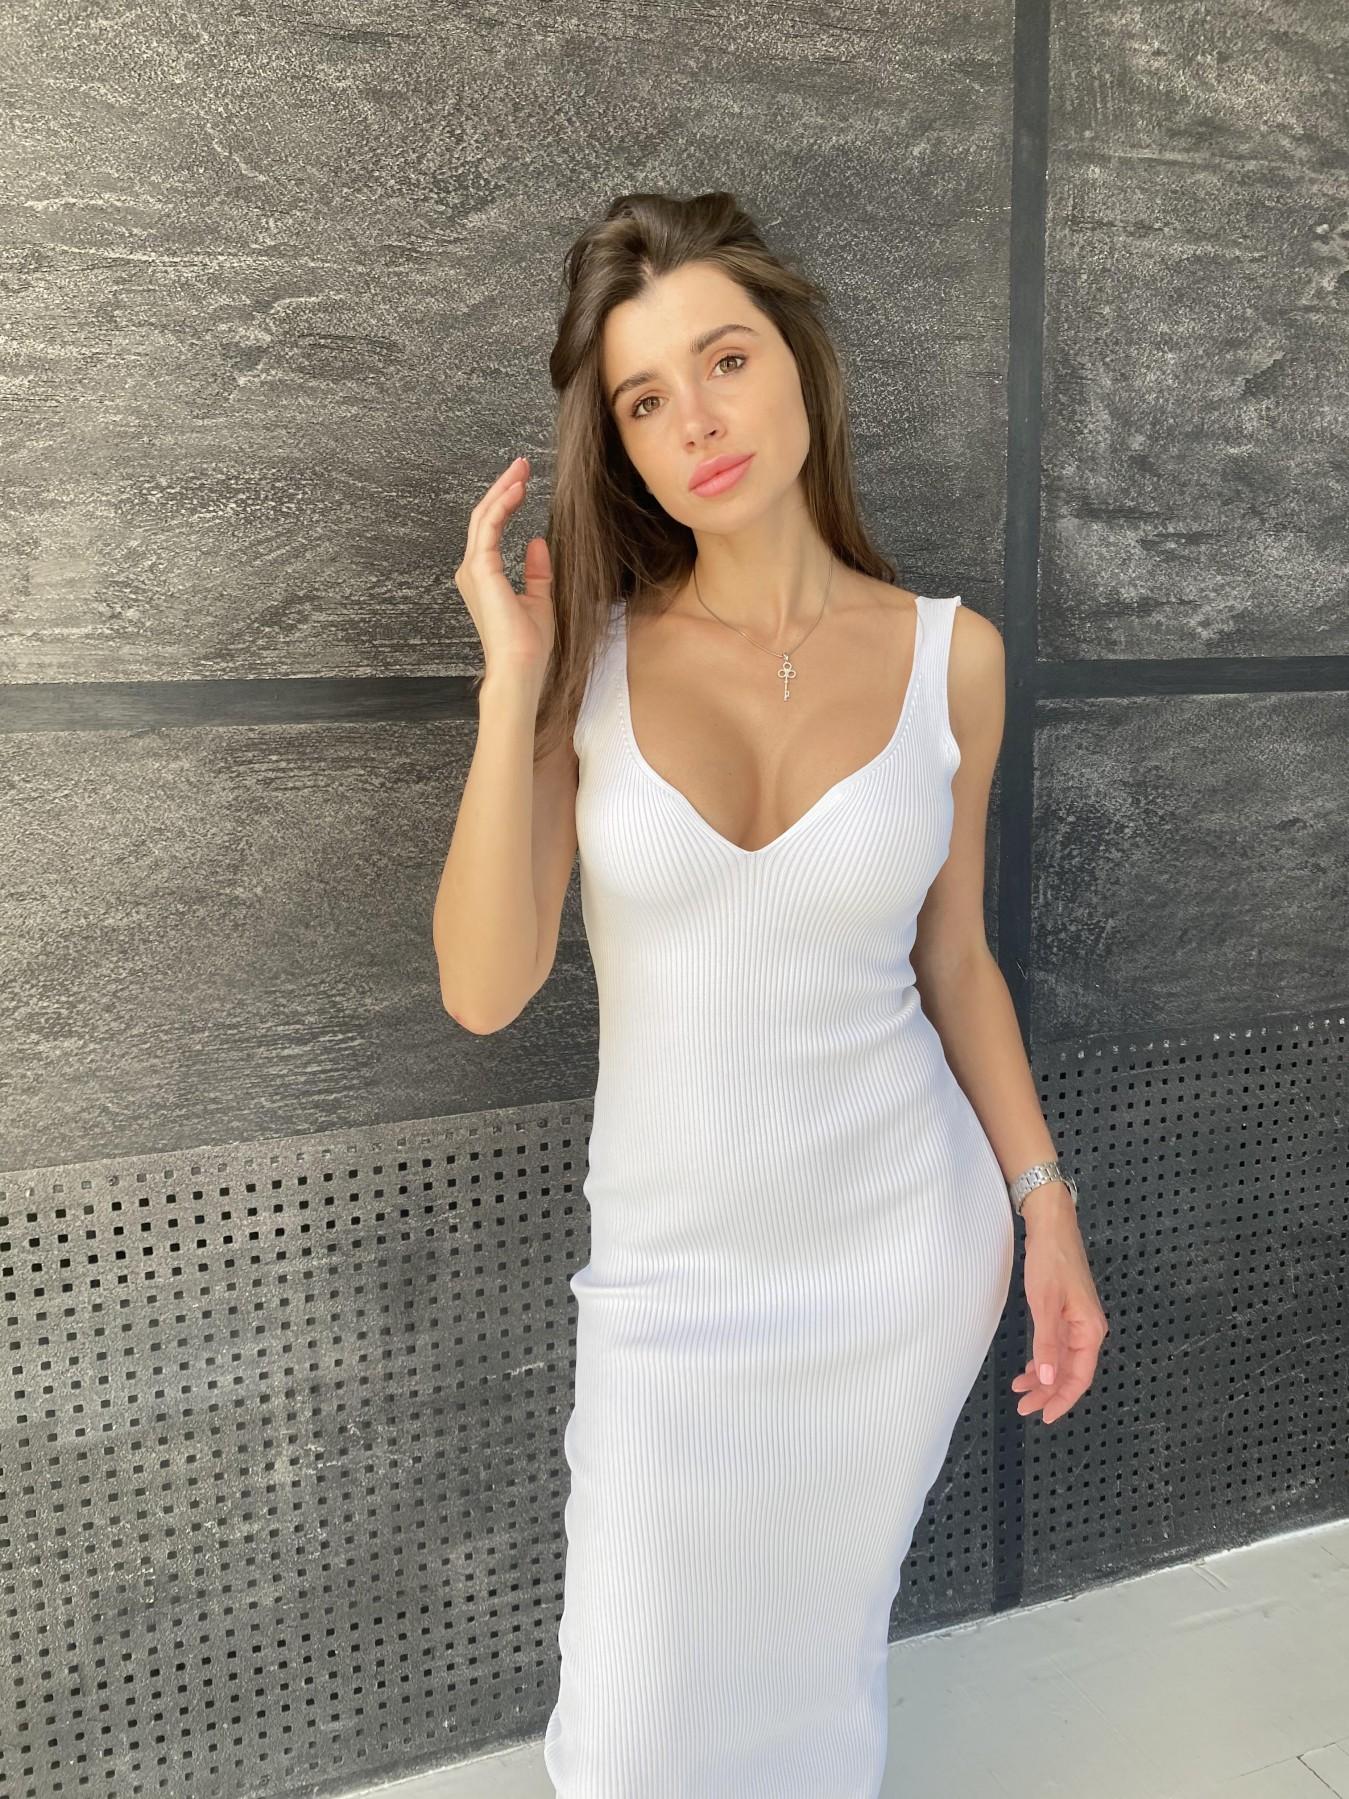 Платье 91798 АРТ. 48061 Цвет: Молоко - фото 9, интернет магазин tm-modus.ru